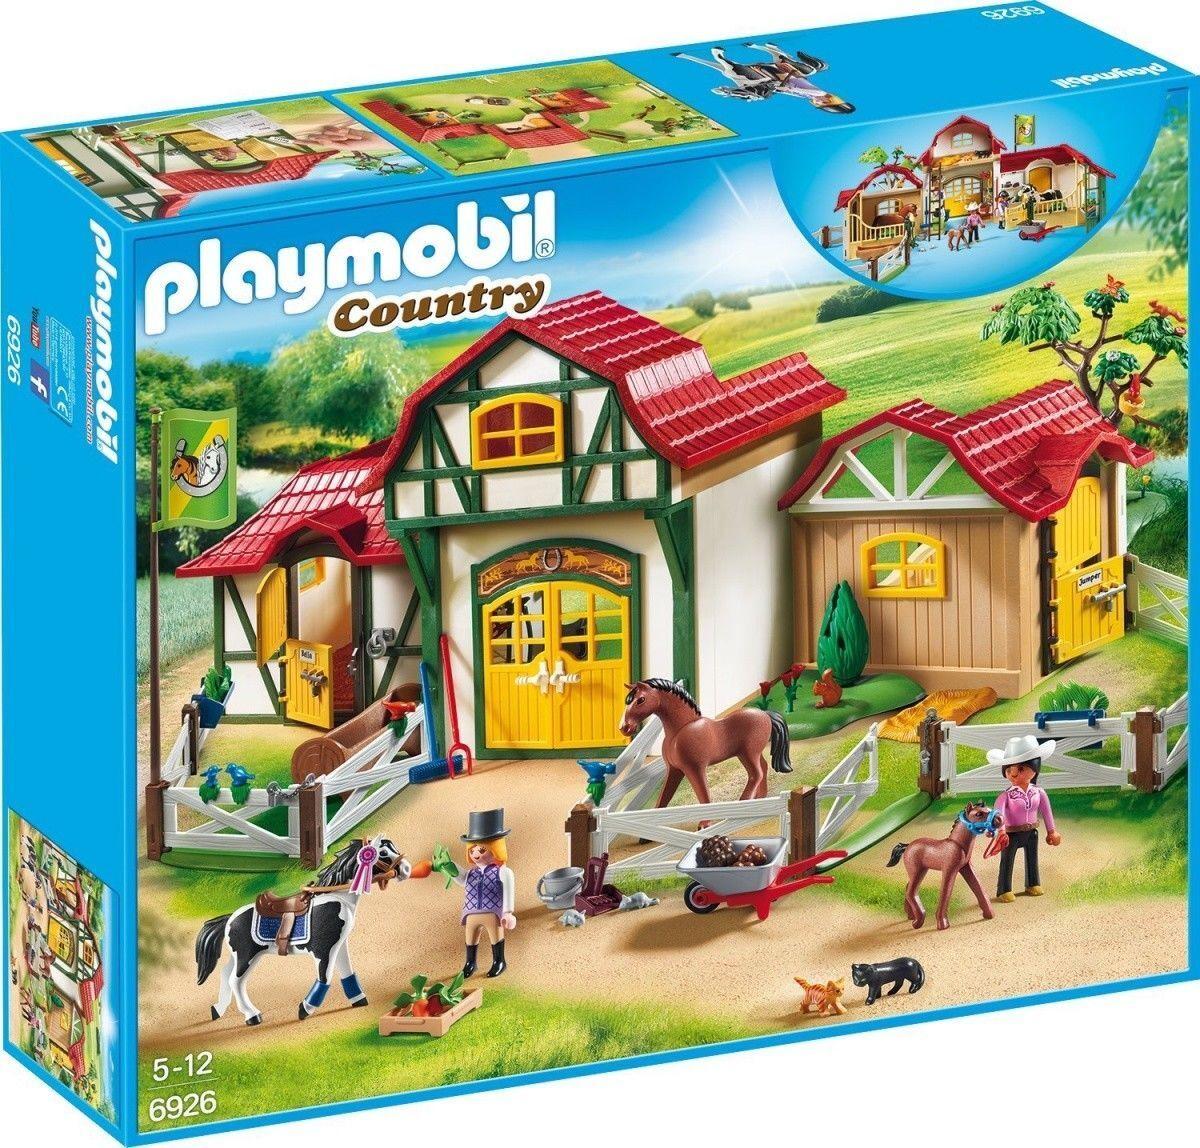 PLAYMOBIL Country 6926-grande reiterhof NUOVO OVP